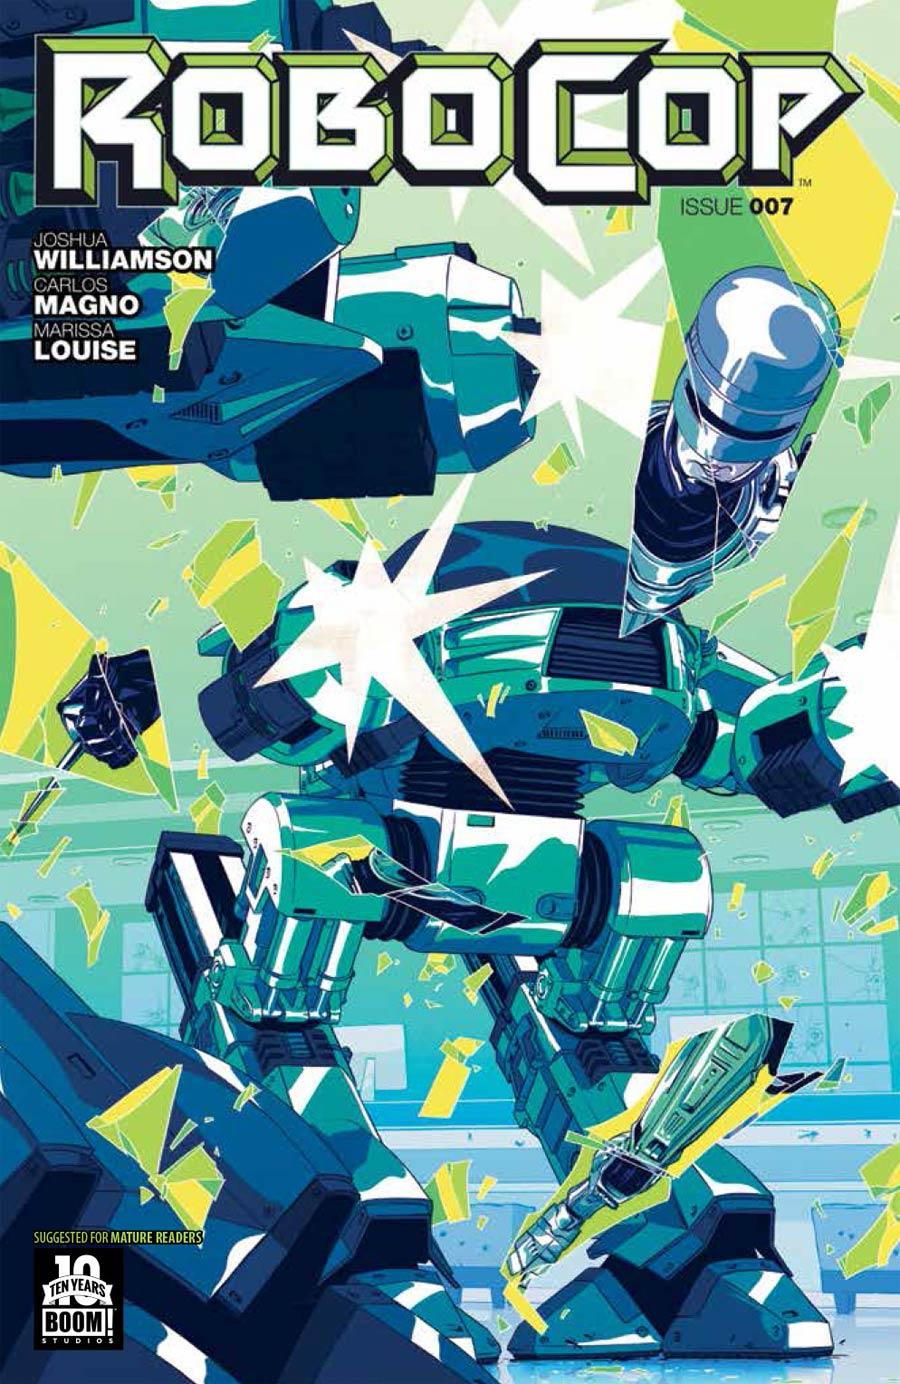 Robocop 2014 #7